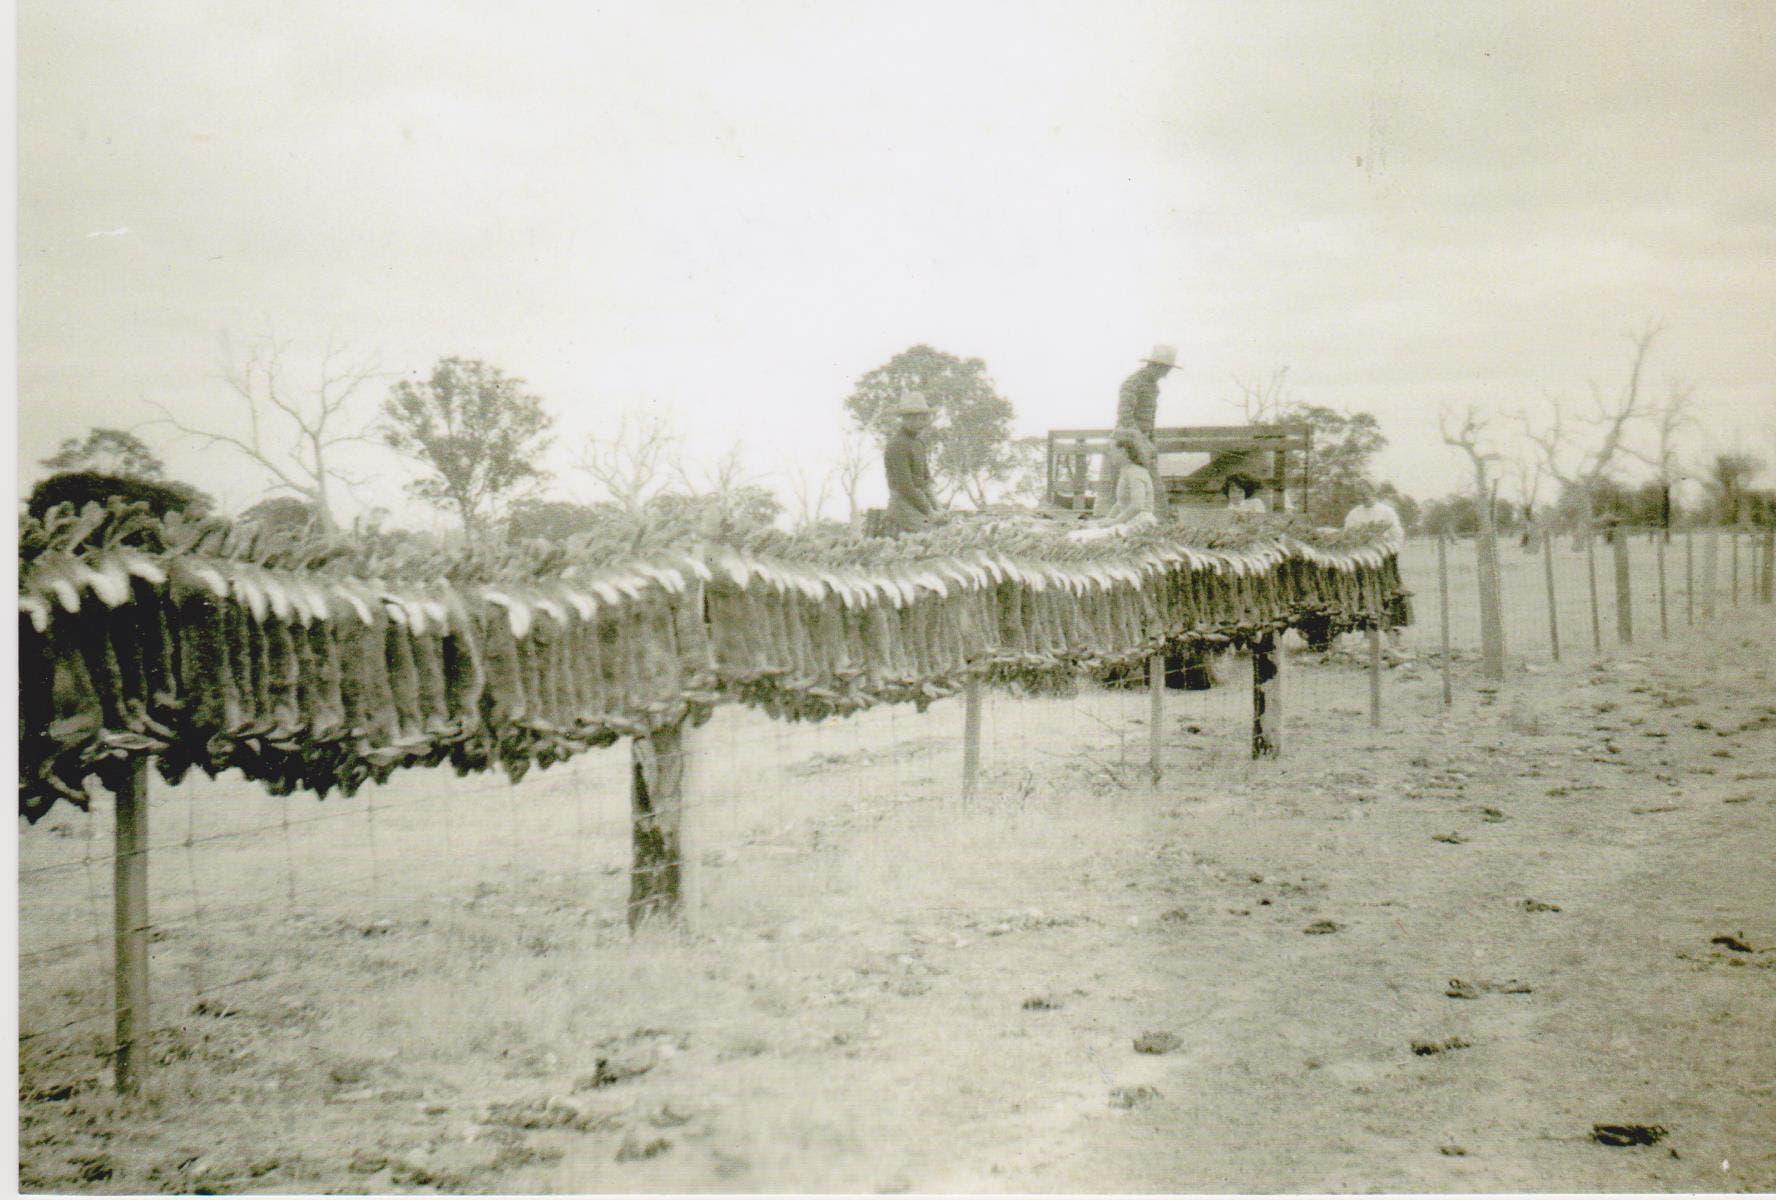 صورة لأعداد هائلة من الأرانب التي تم اصطيادها بأستراليا خلال يوم واحد سنة 1951